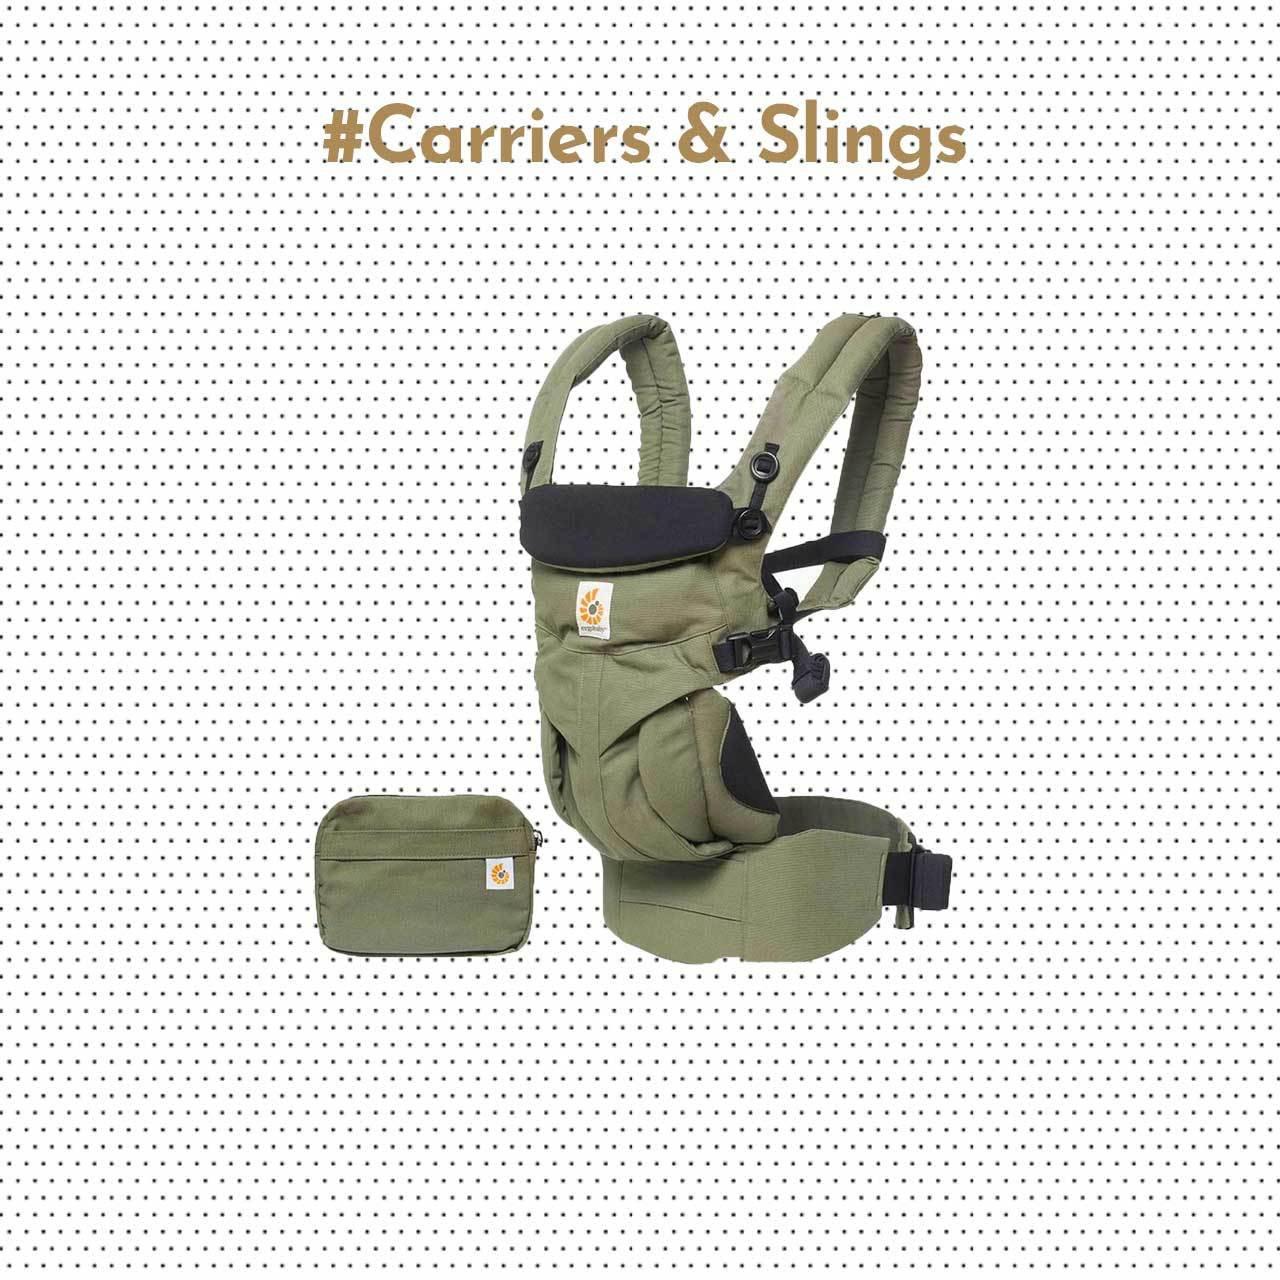 Carriers & Slings